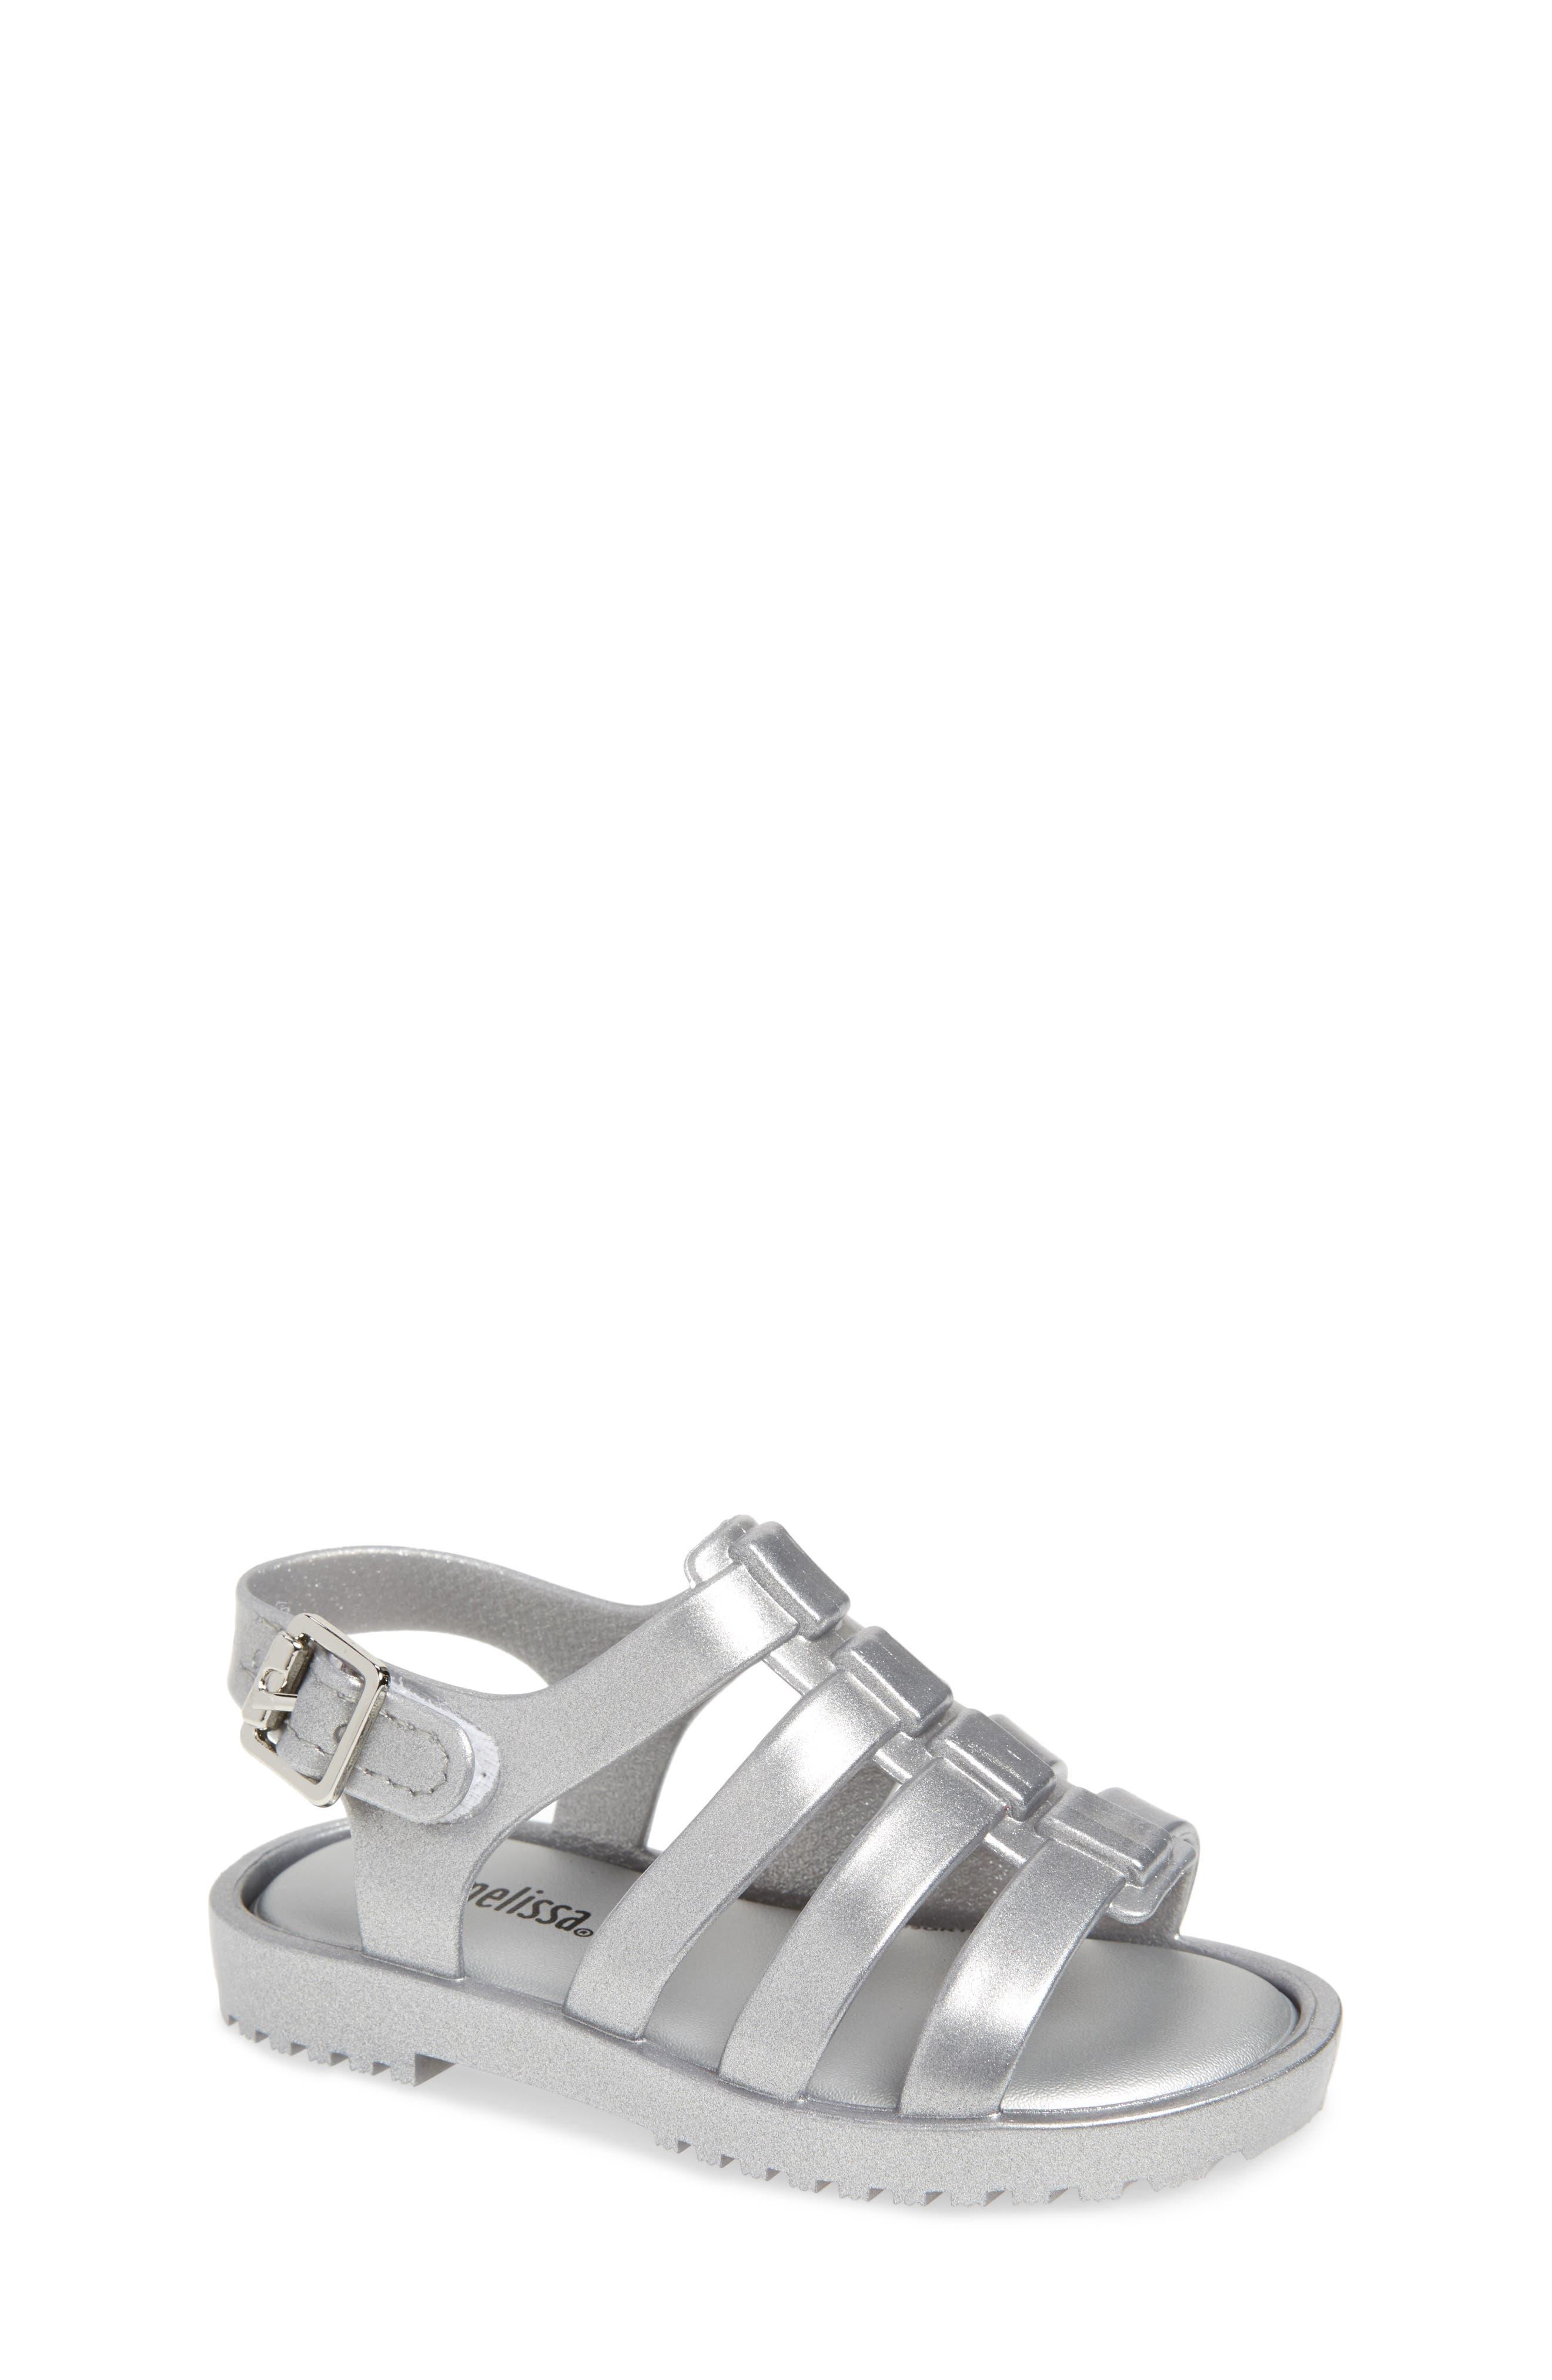 Mini Flox Shine Sandal,                             Main thumbnail 1, color,                             042